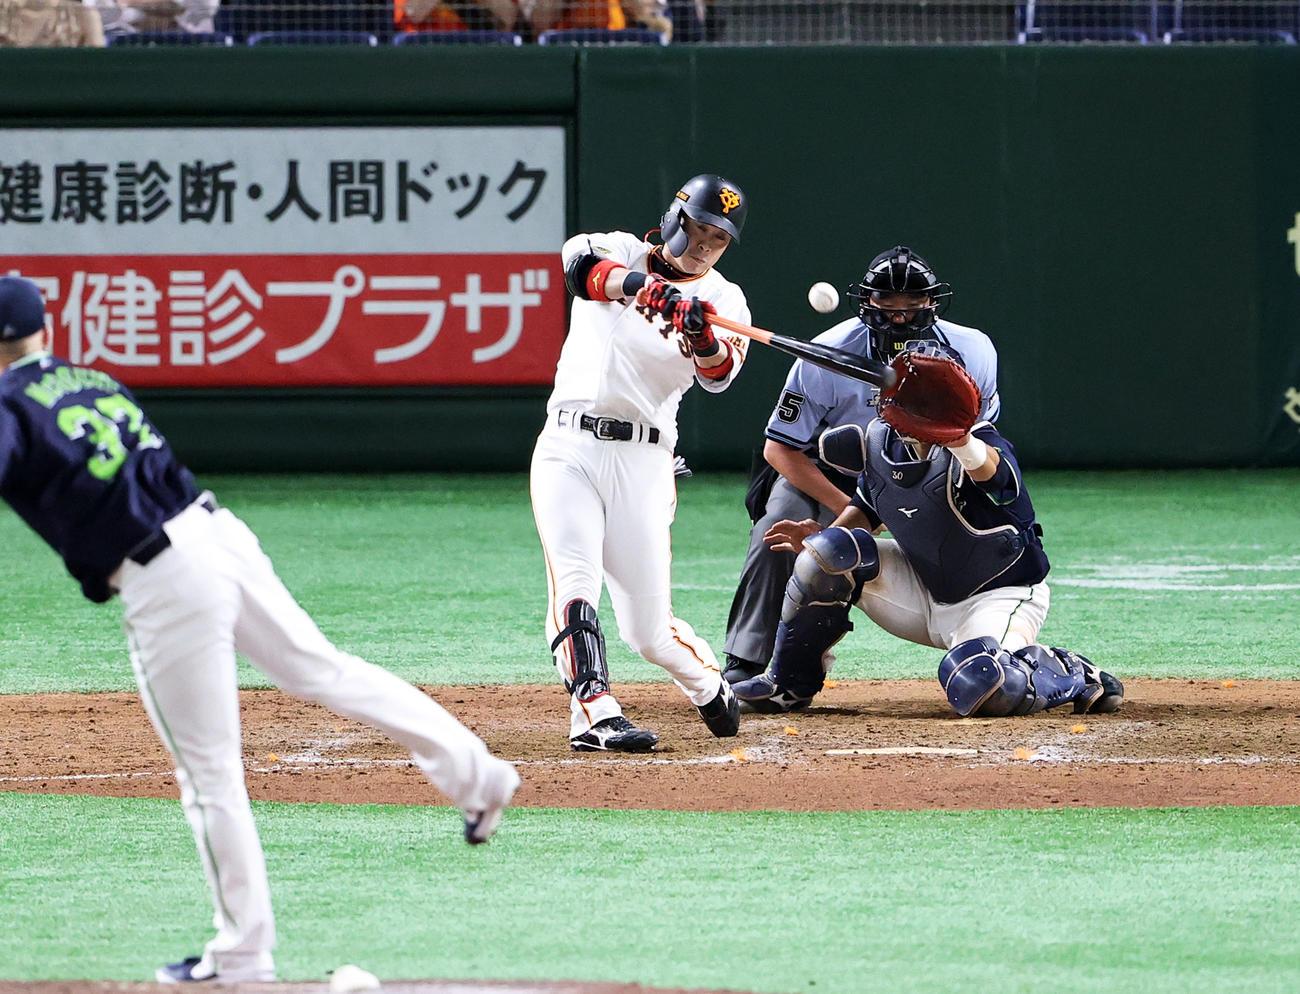 9回裏巨人2死一、三塁、亀井は中越えサヨナラ適時打を放つ。投手マクガフ(撮影・浅見桂子)